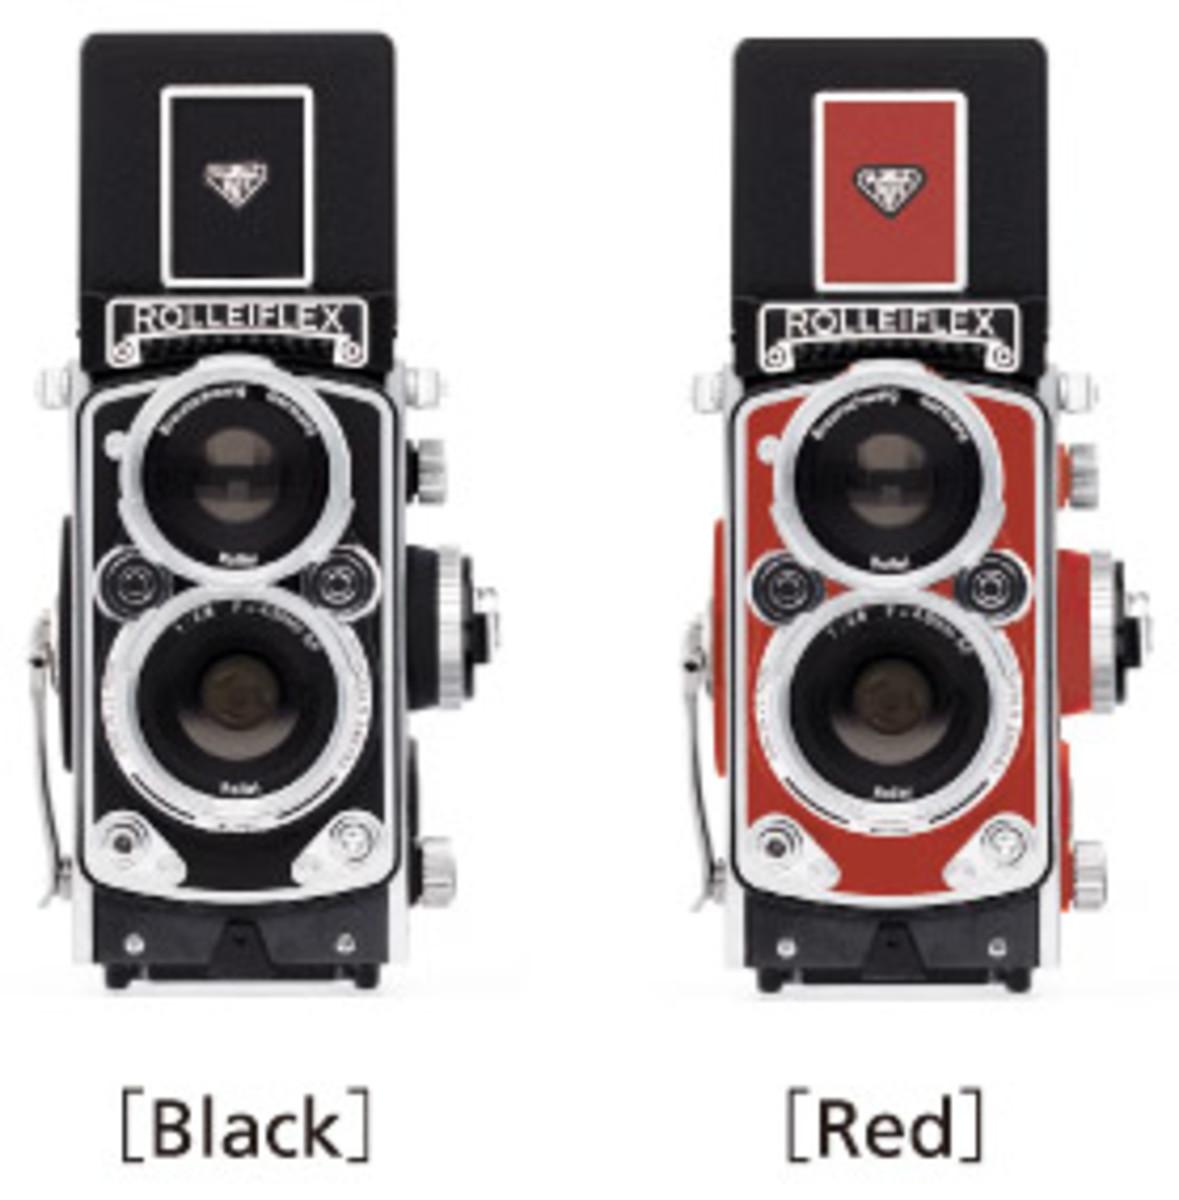 Retro Style Digital Cameras - That Vintage Look